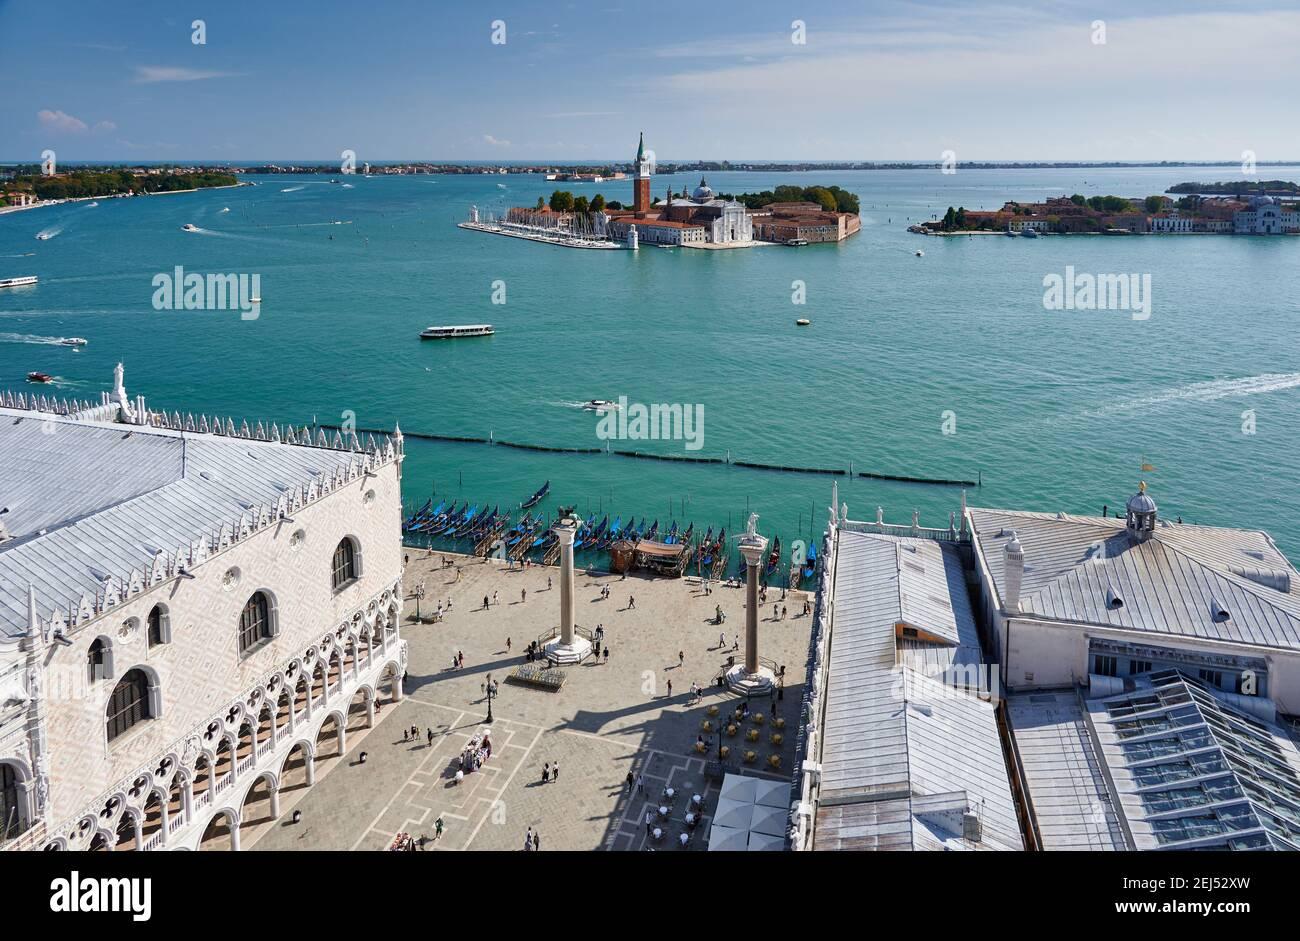 Vue aérienne depuis la tour Saint-Marc sur San Giorgio Maggiore et la lagune de Venise, Vénétie, Italie Banque D'Images